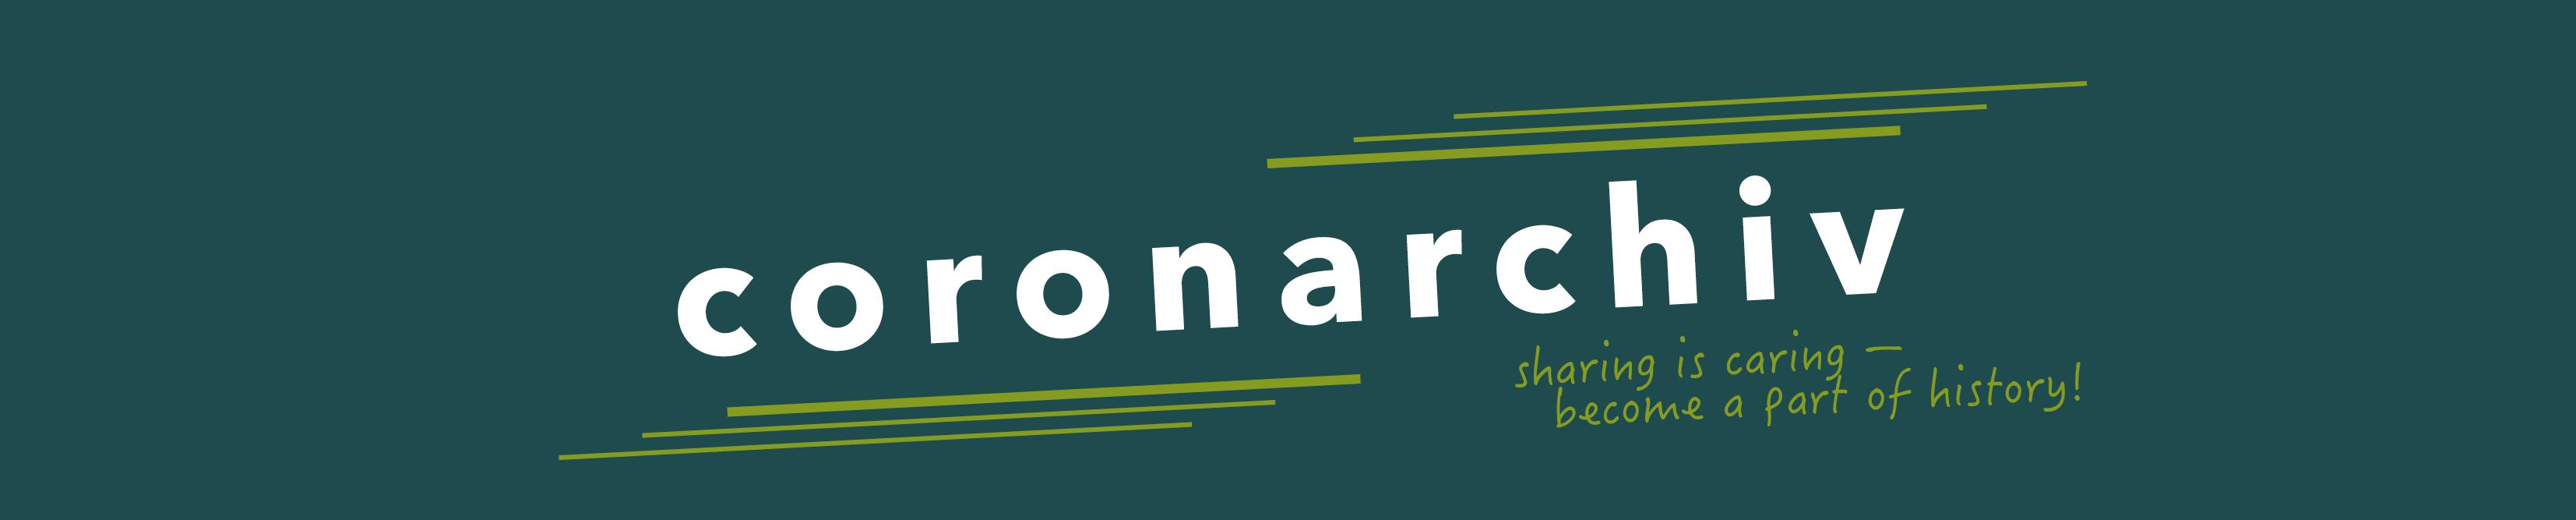 Das Coronarchiv